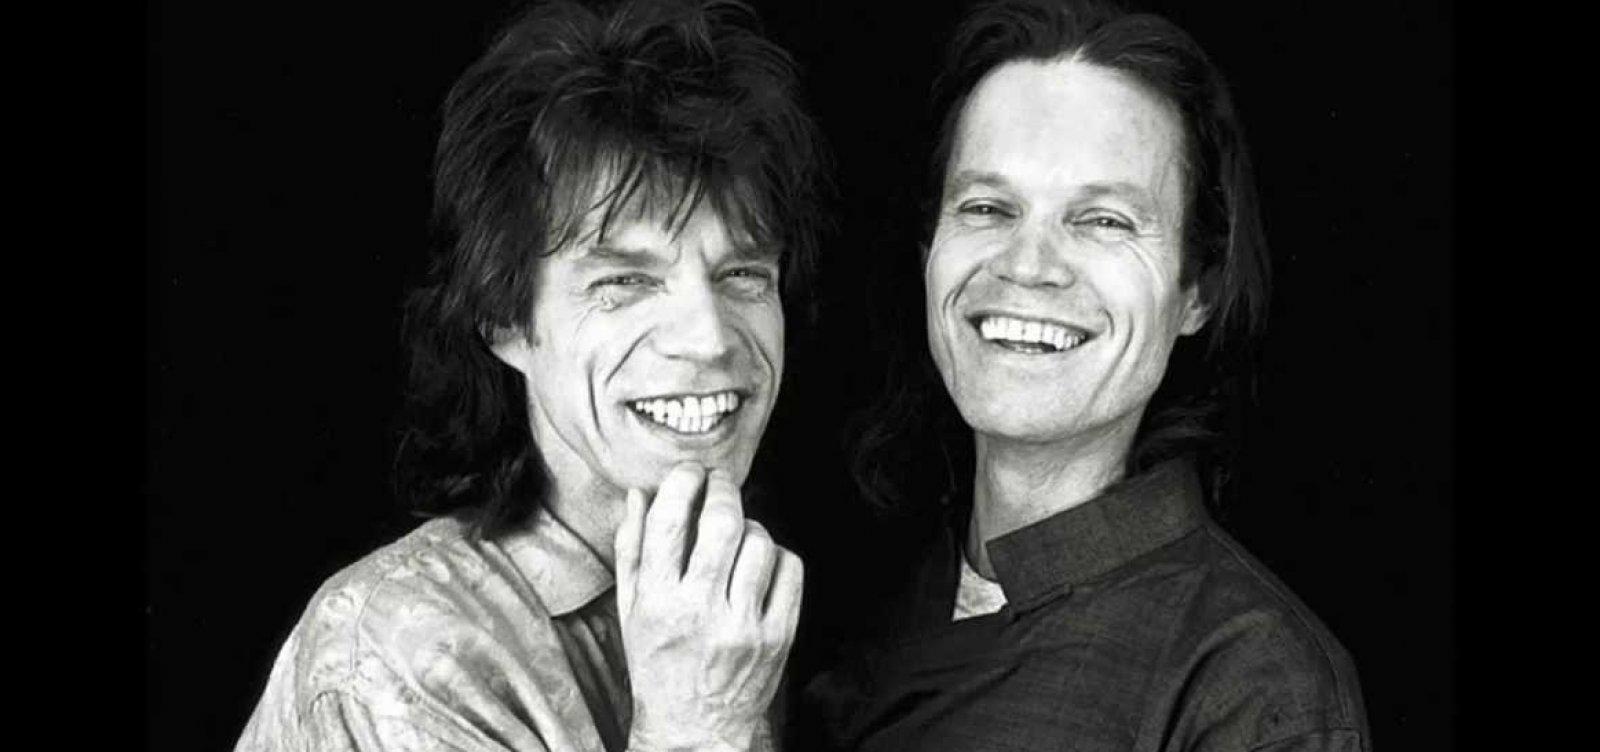 [Irmão de Mick Jagger diz que é uma sorte o astro ainda estar vivo após problema cardíaco]